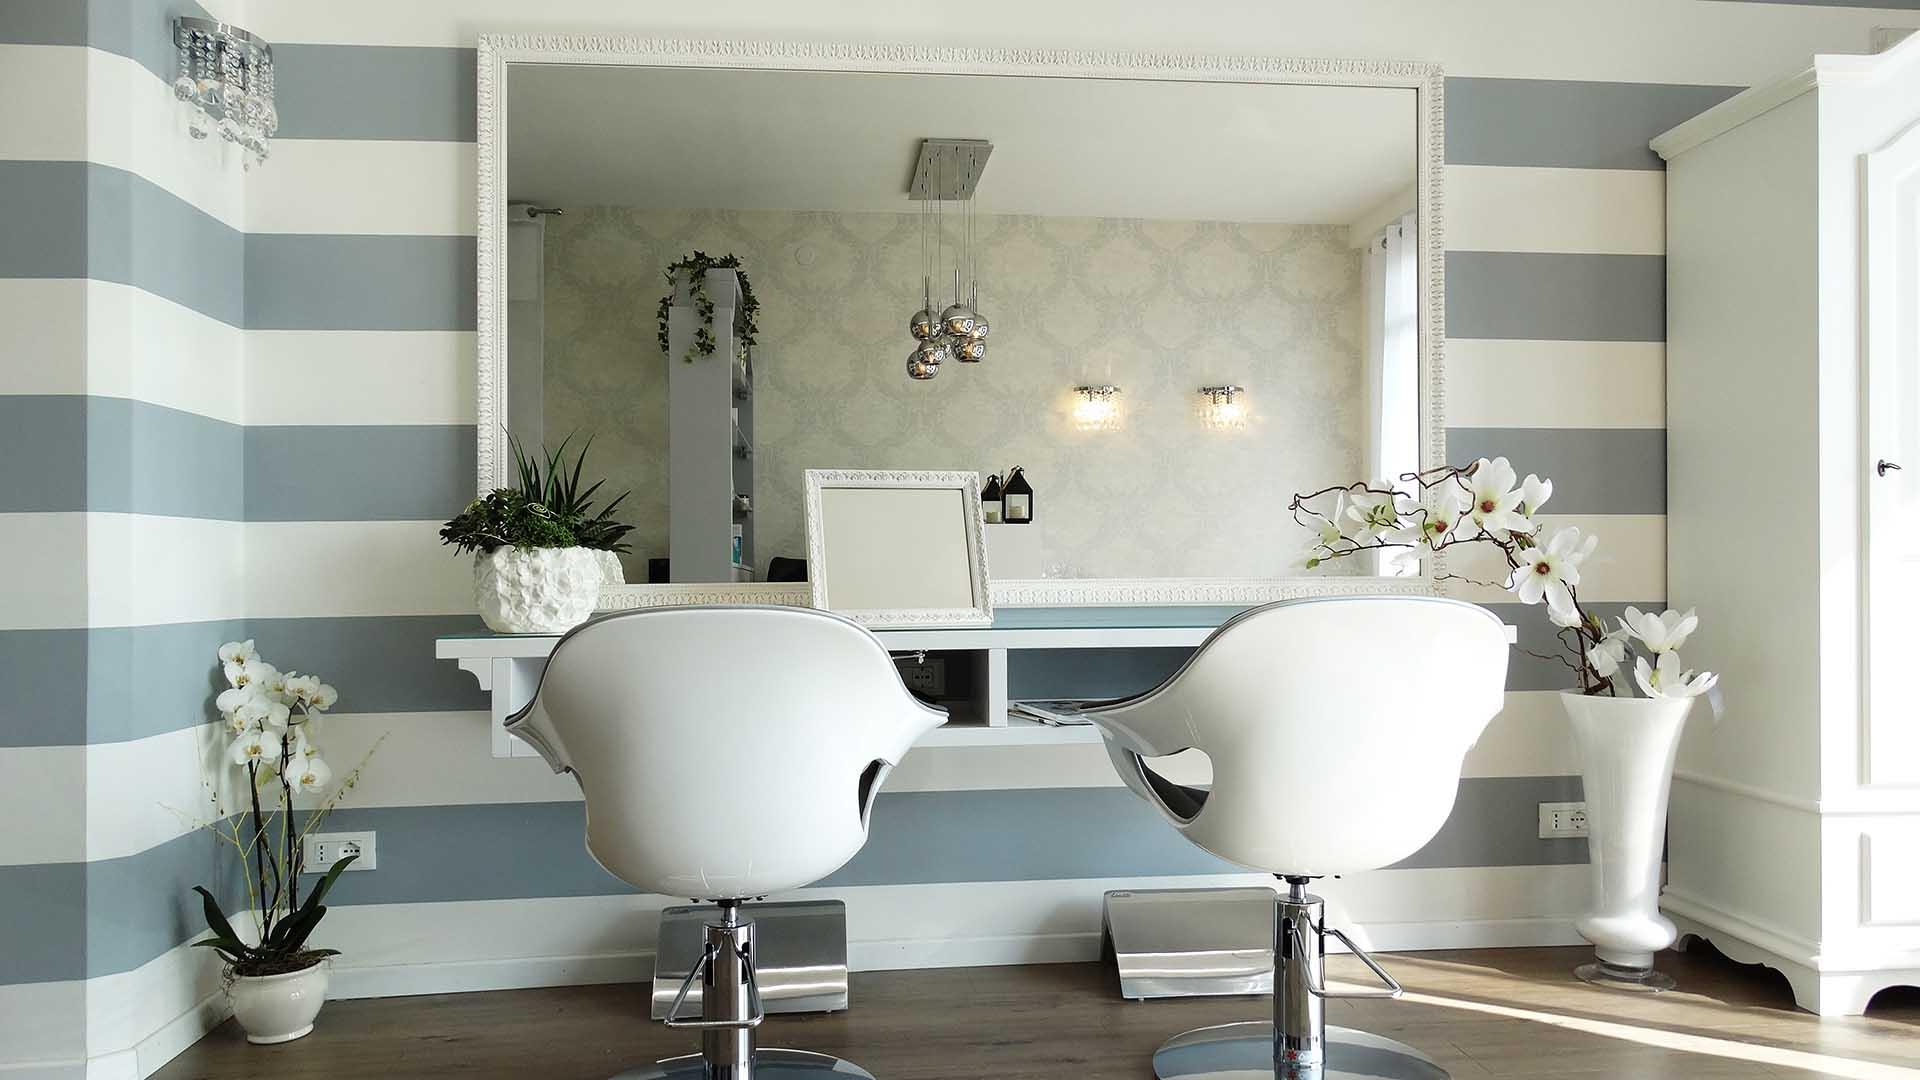 Arredamento per saloni di parrucchieri jd design for Arredi per saloni parrucchieri